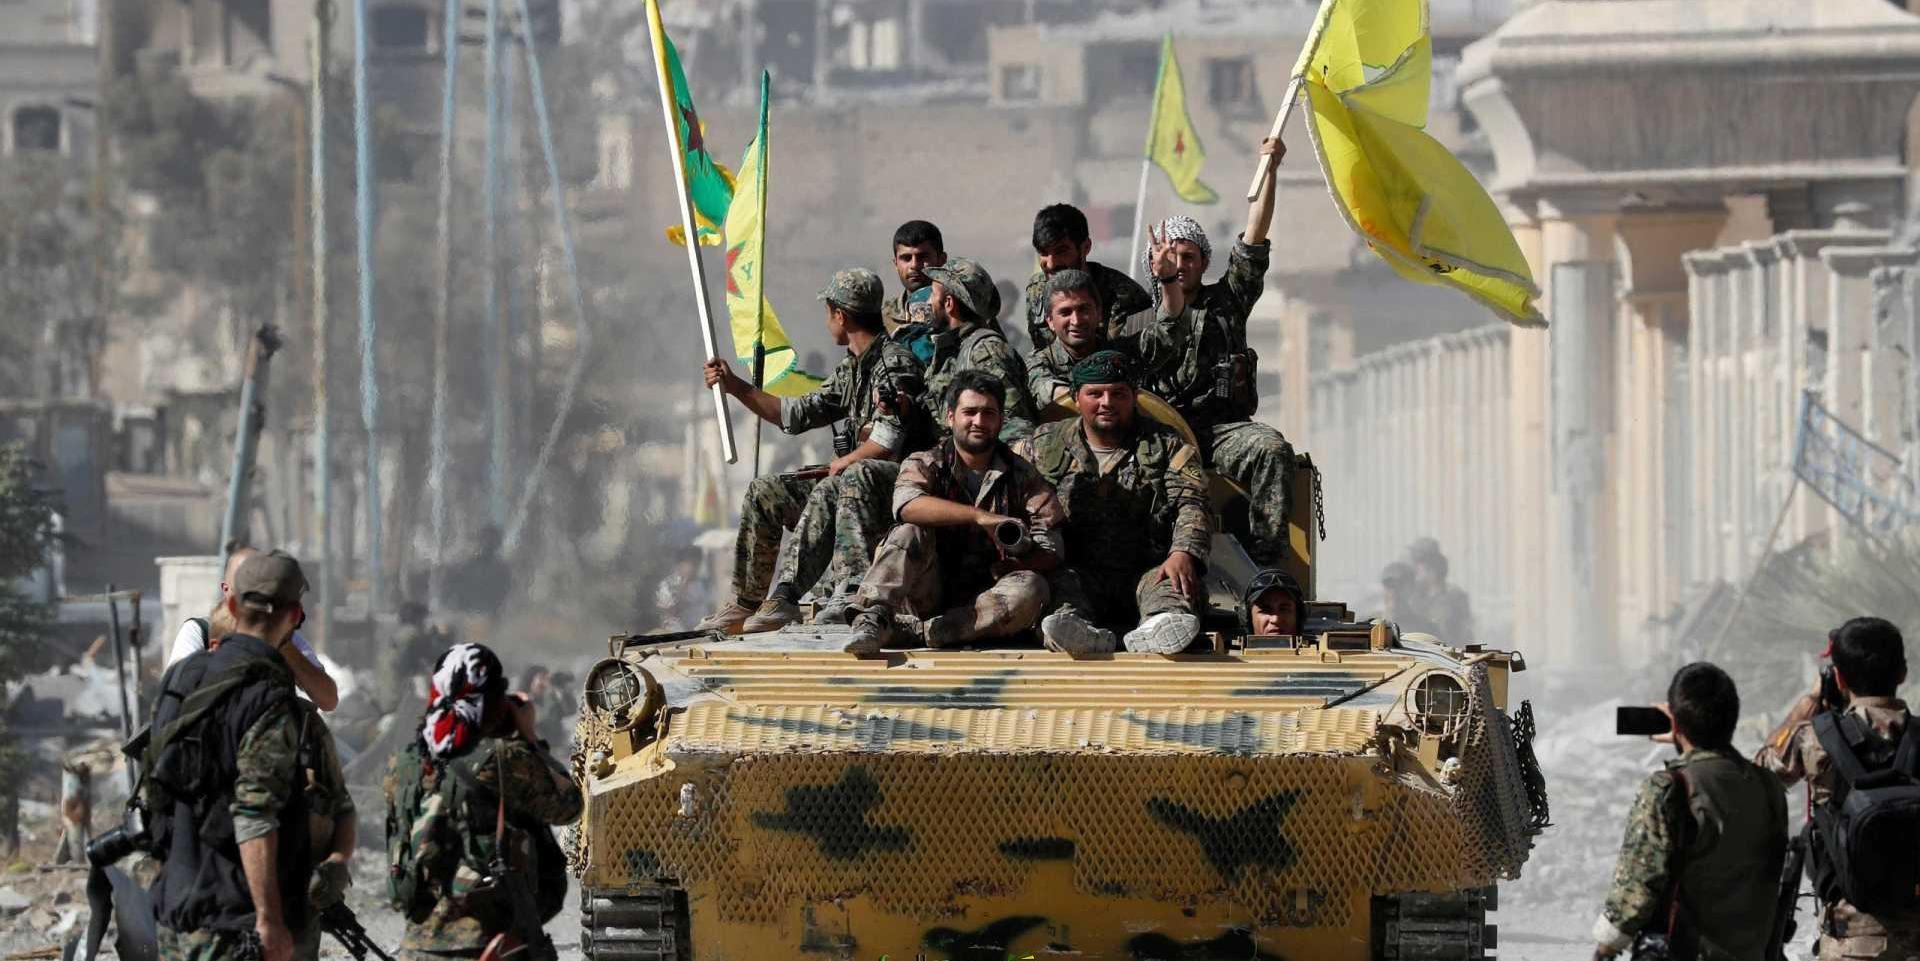 """Siria, i curdi si ritirano ma resta nodo """"zona di sicurezza"""". Trump: """"Il cessate il fuoco sta reggendo molto bene"""""""